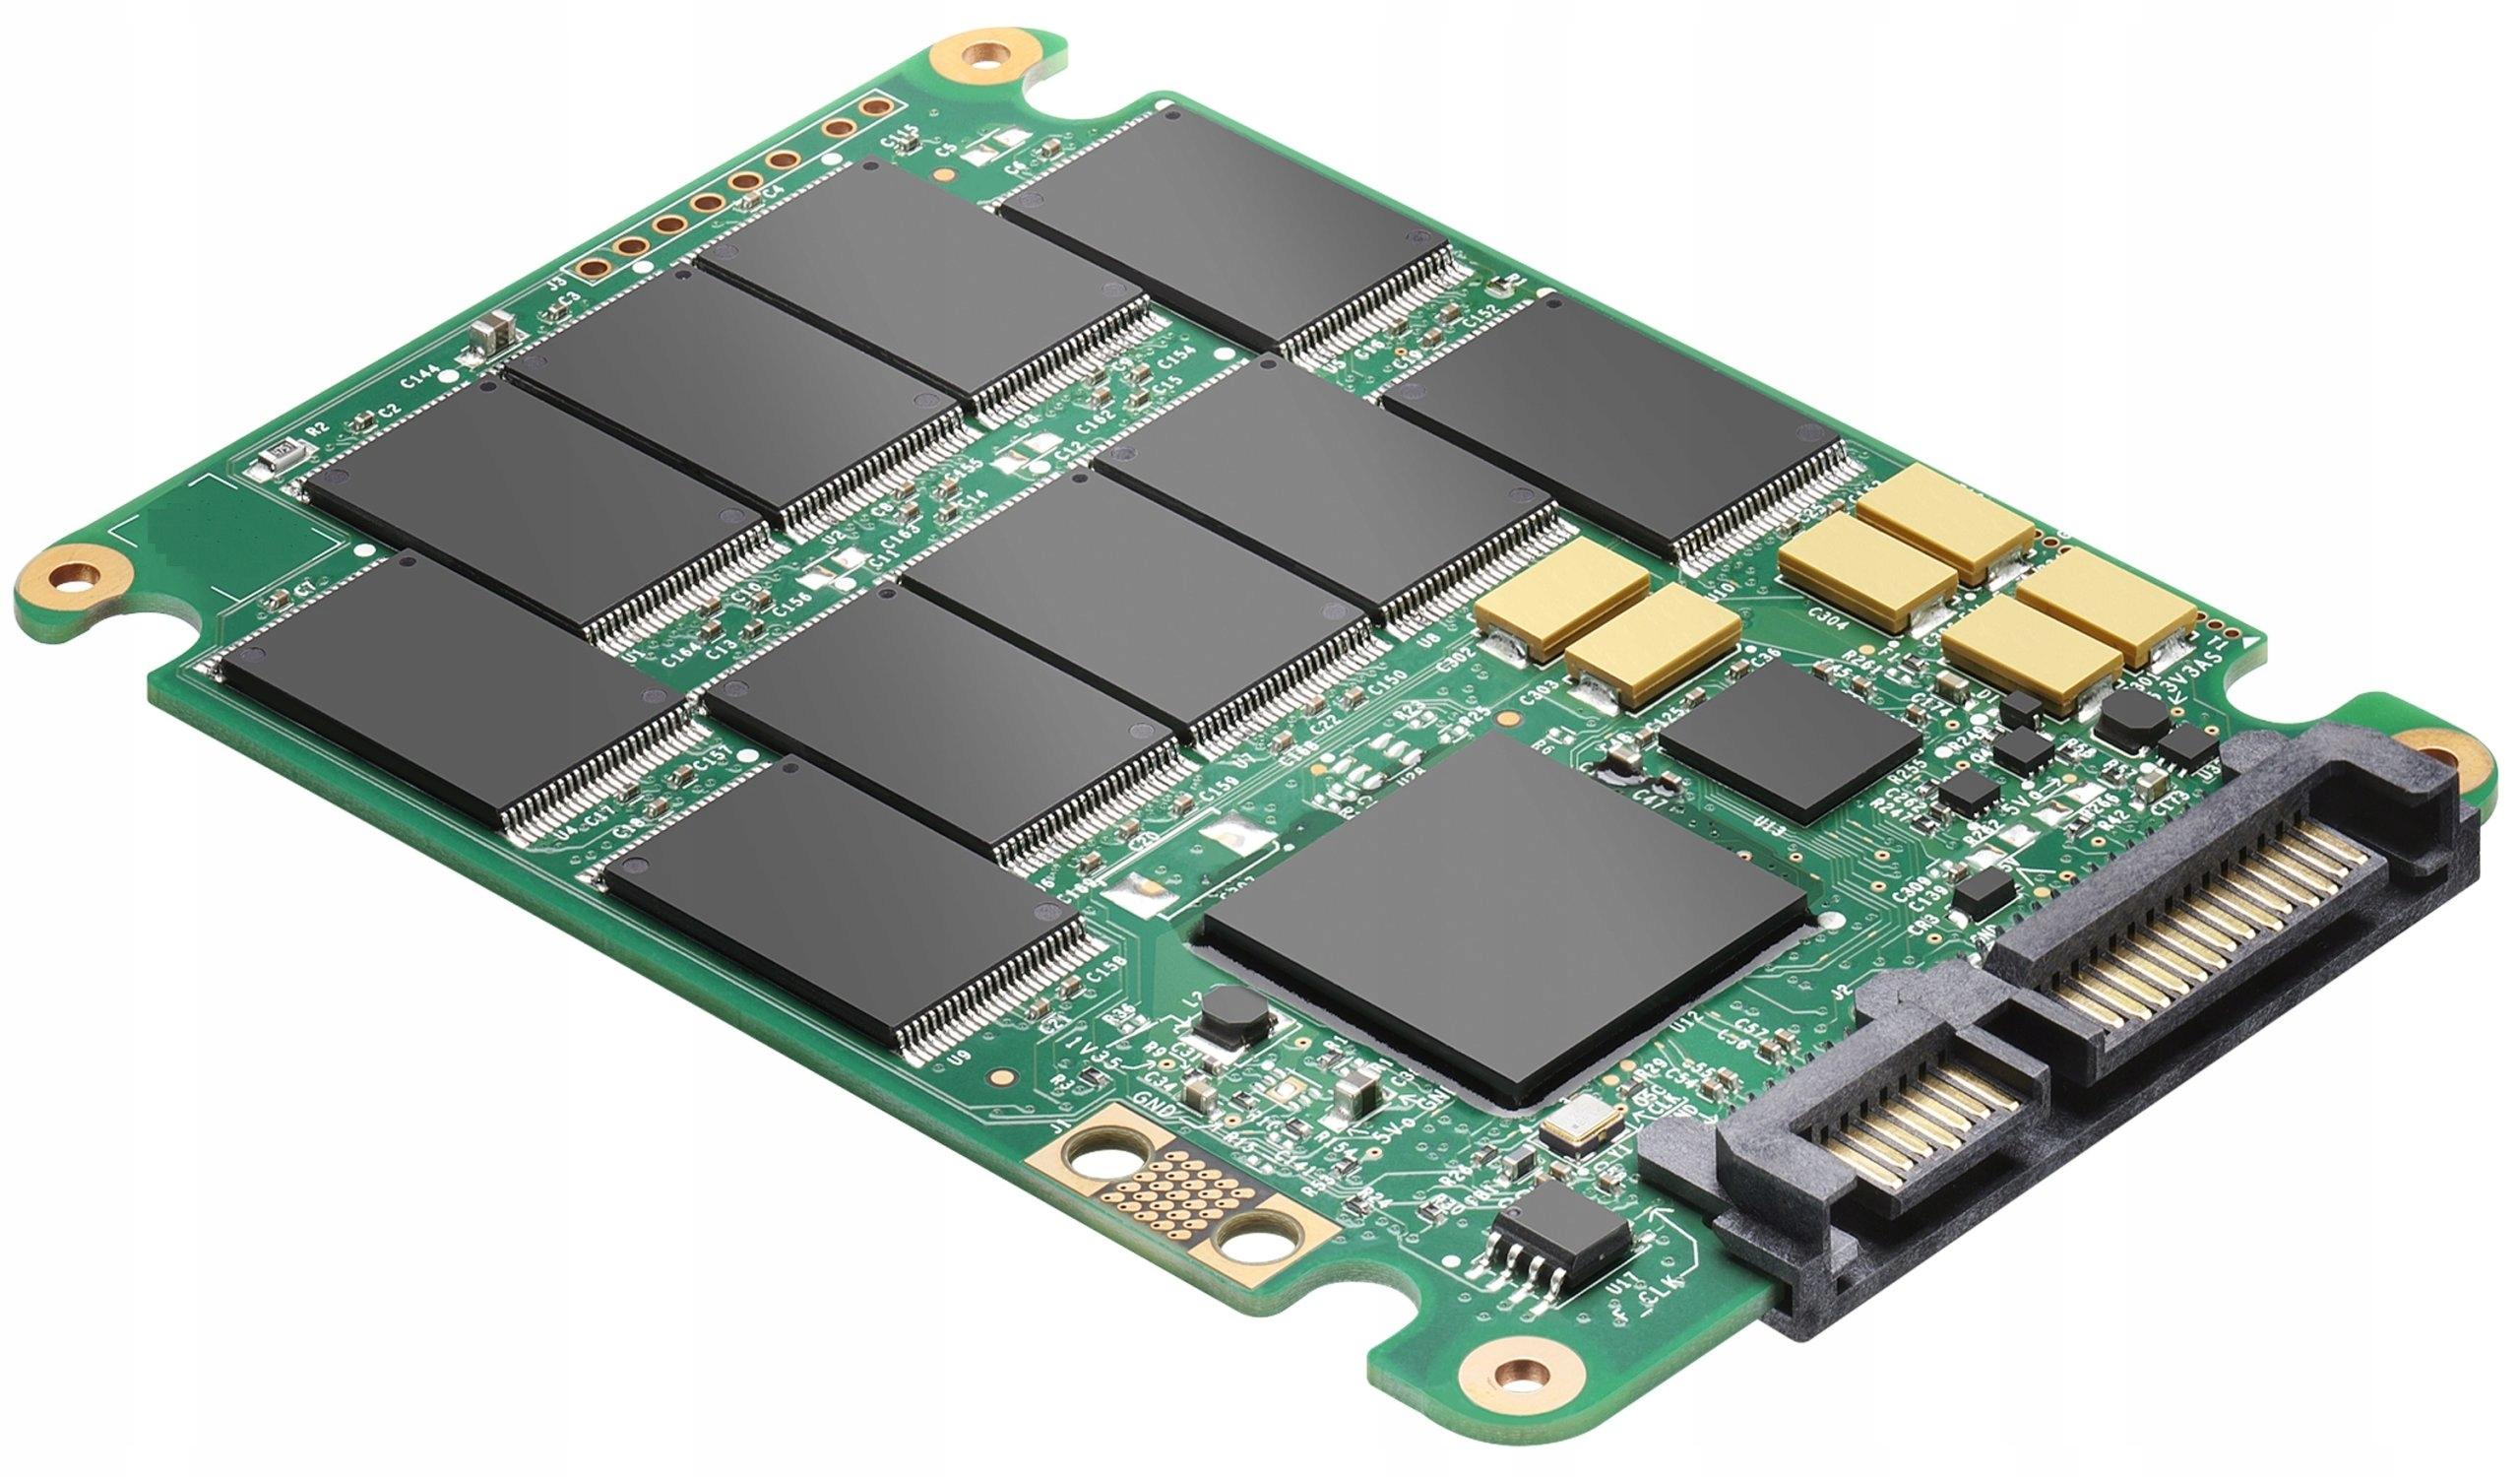 Замените 120 ГБ SSD диск на новый 240 ГБ SSD